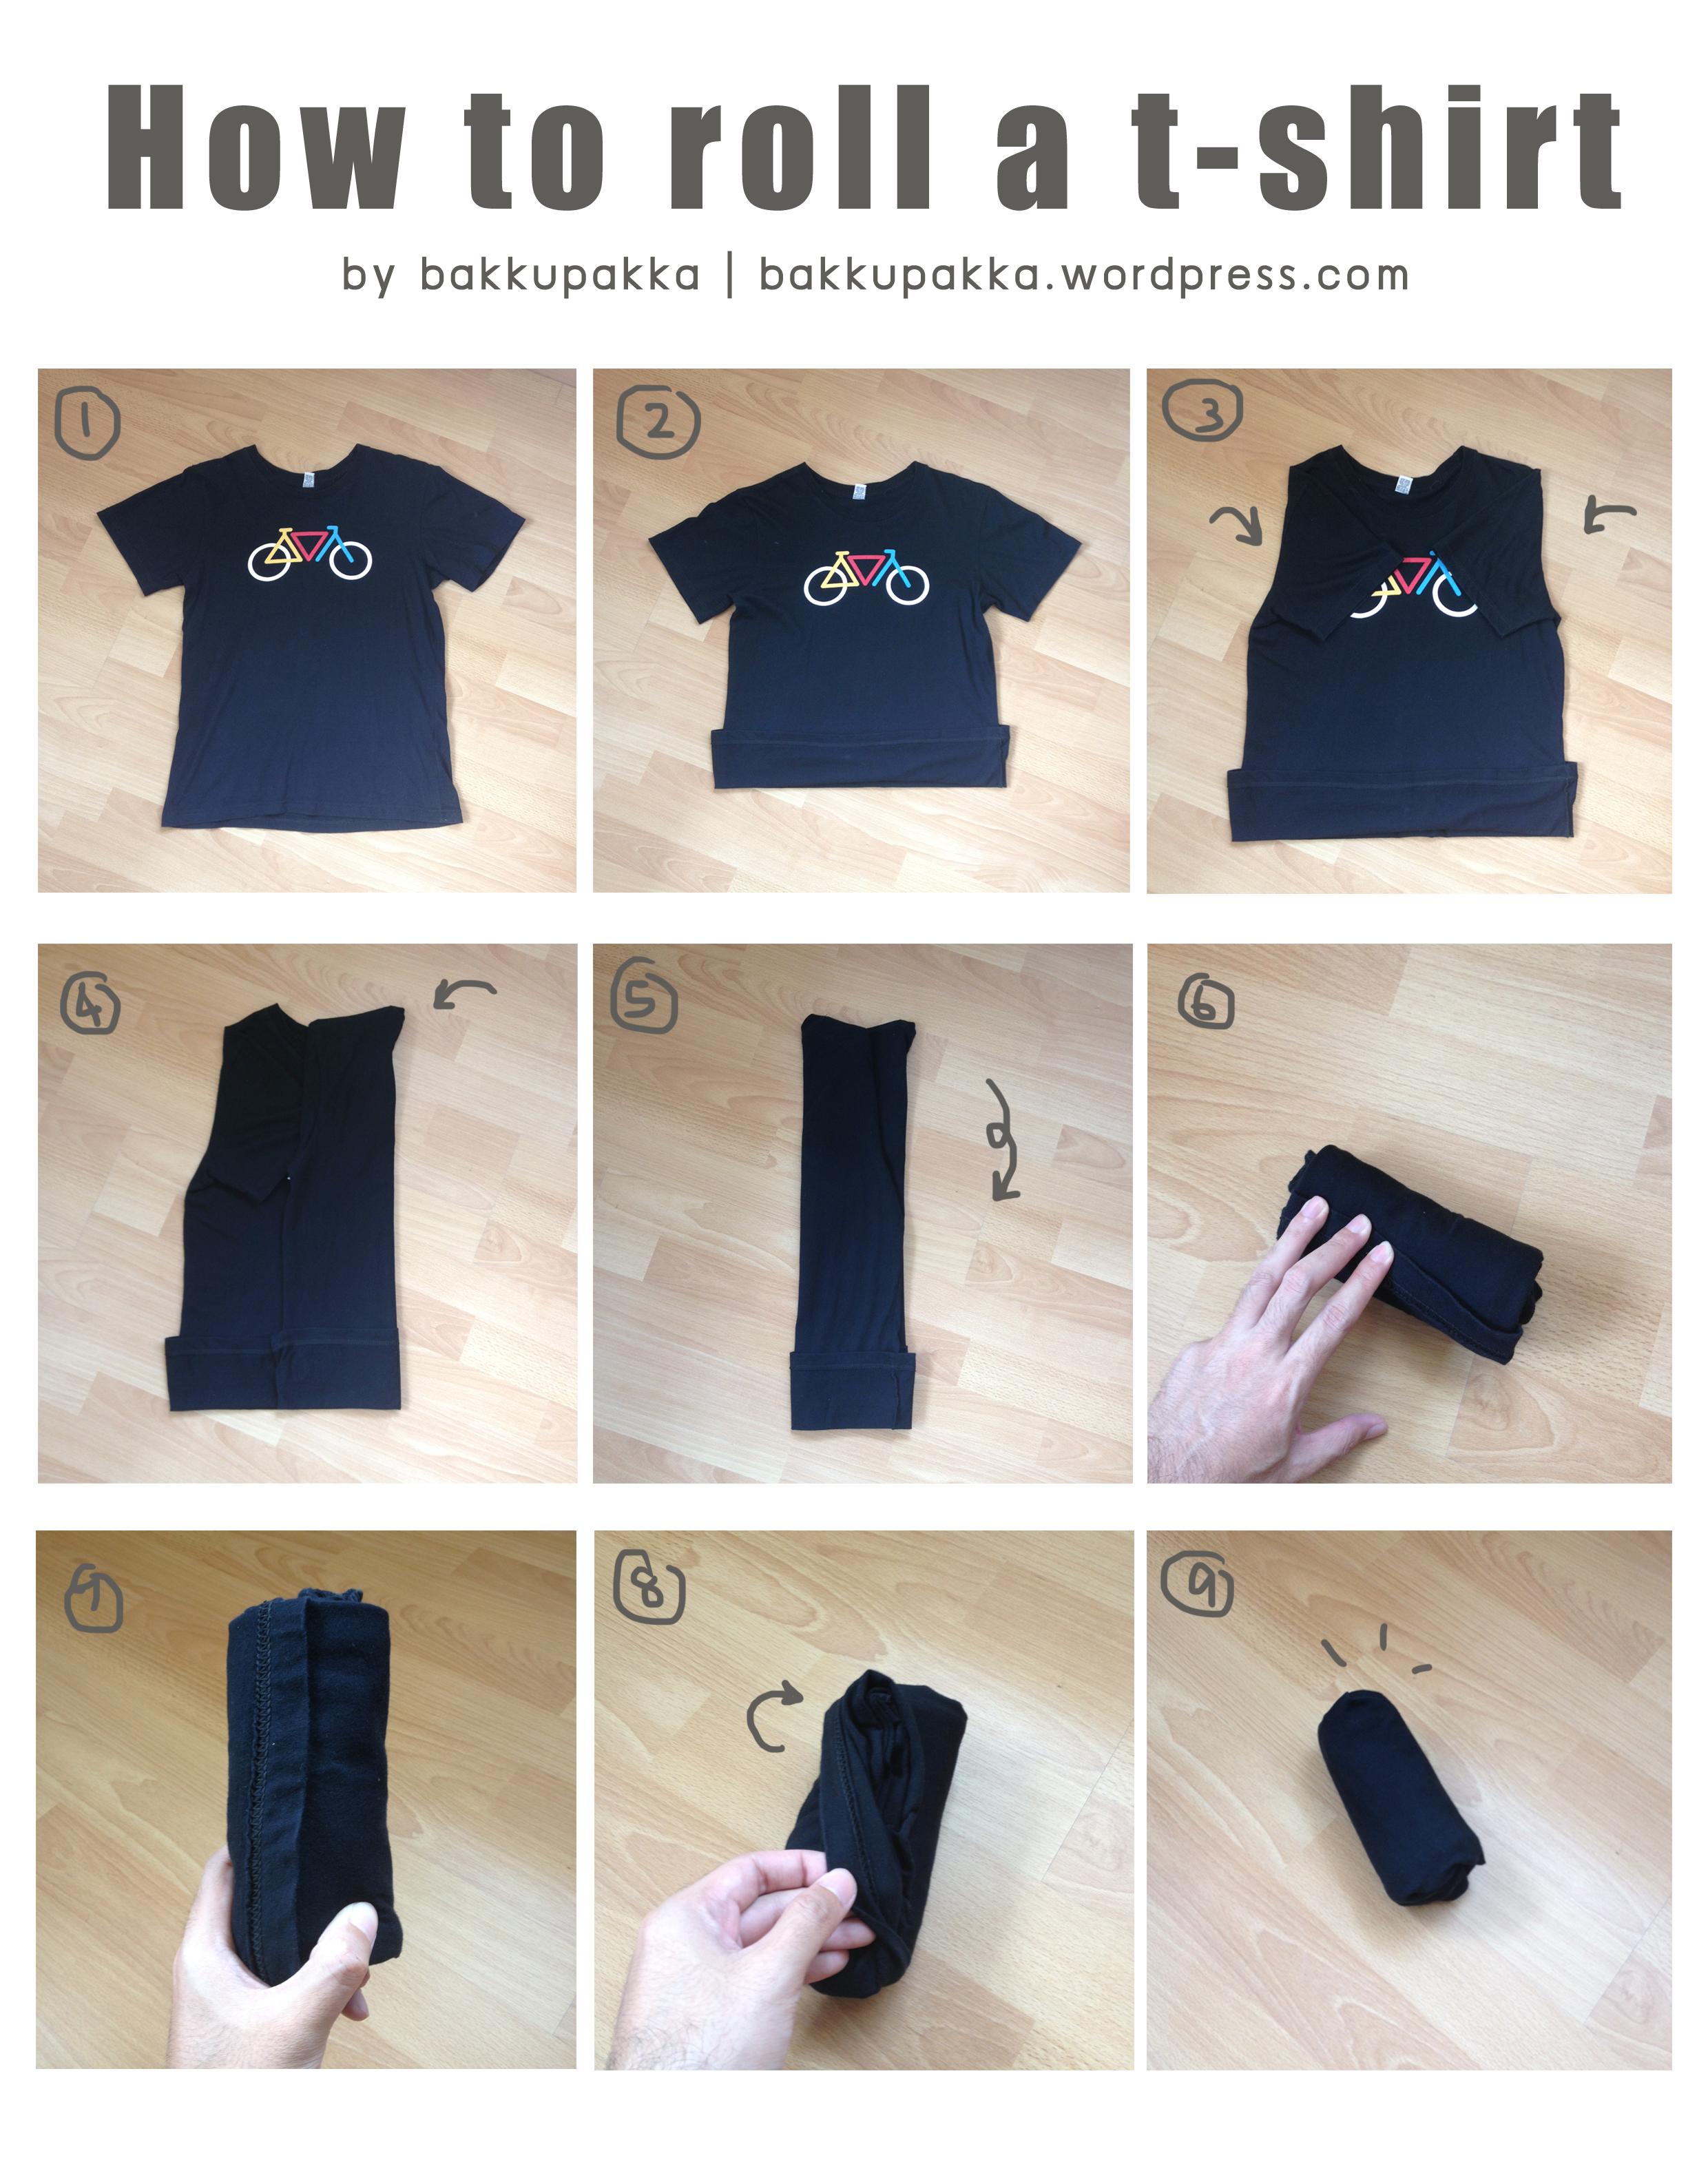 How To Roll A Shirt Bakkupakka